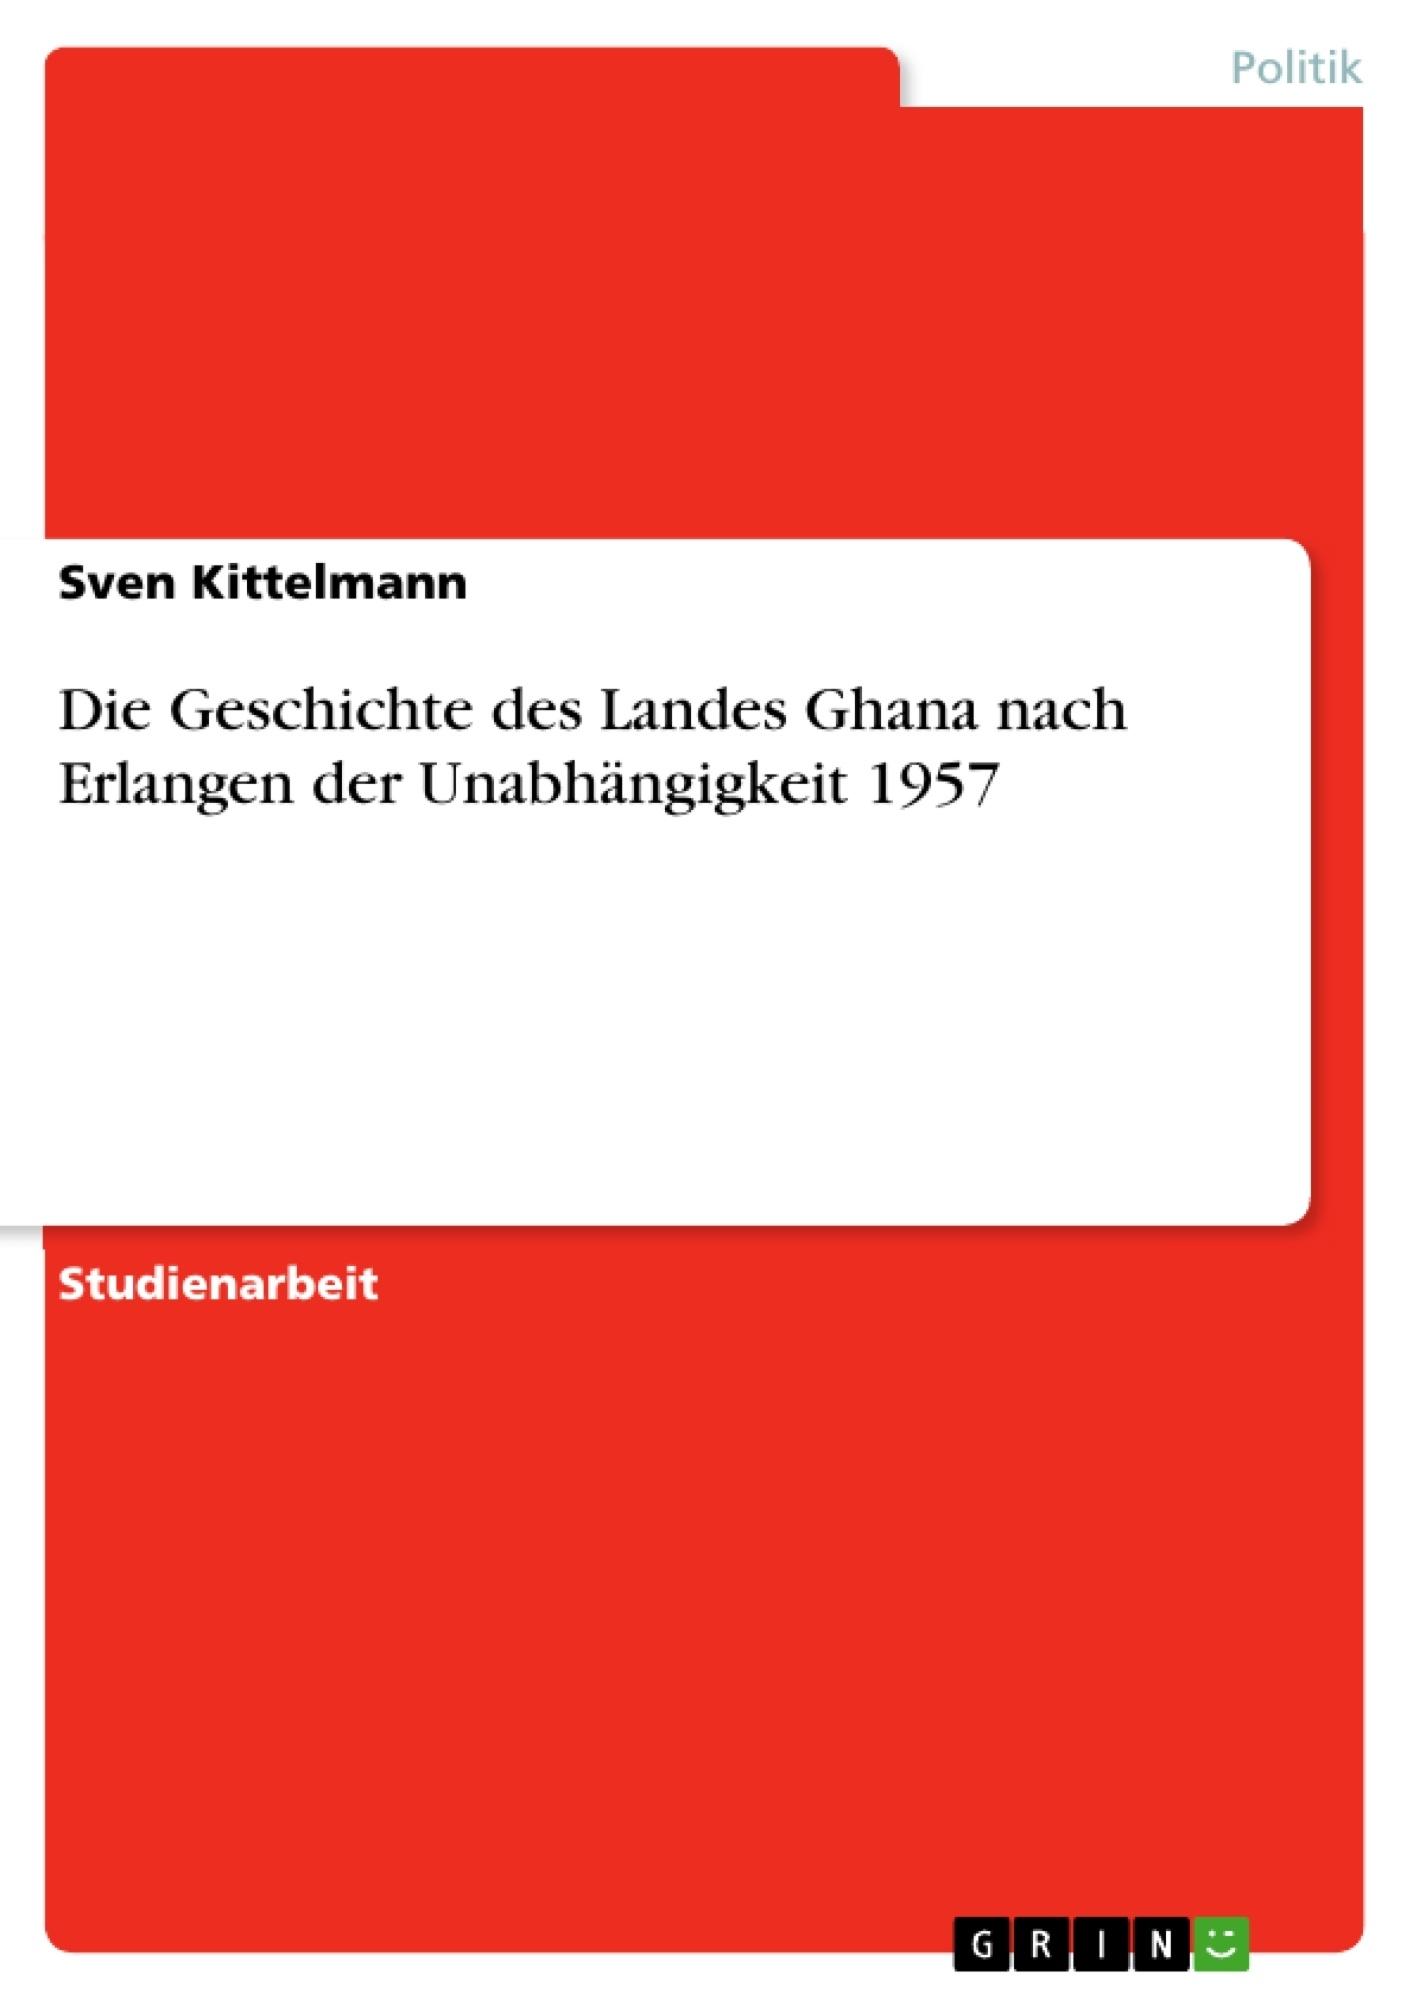 Titel: Die Geschichte des Landes Ghana nach Erlangen der Unabhängigkeit 1957